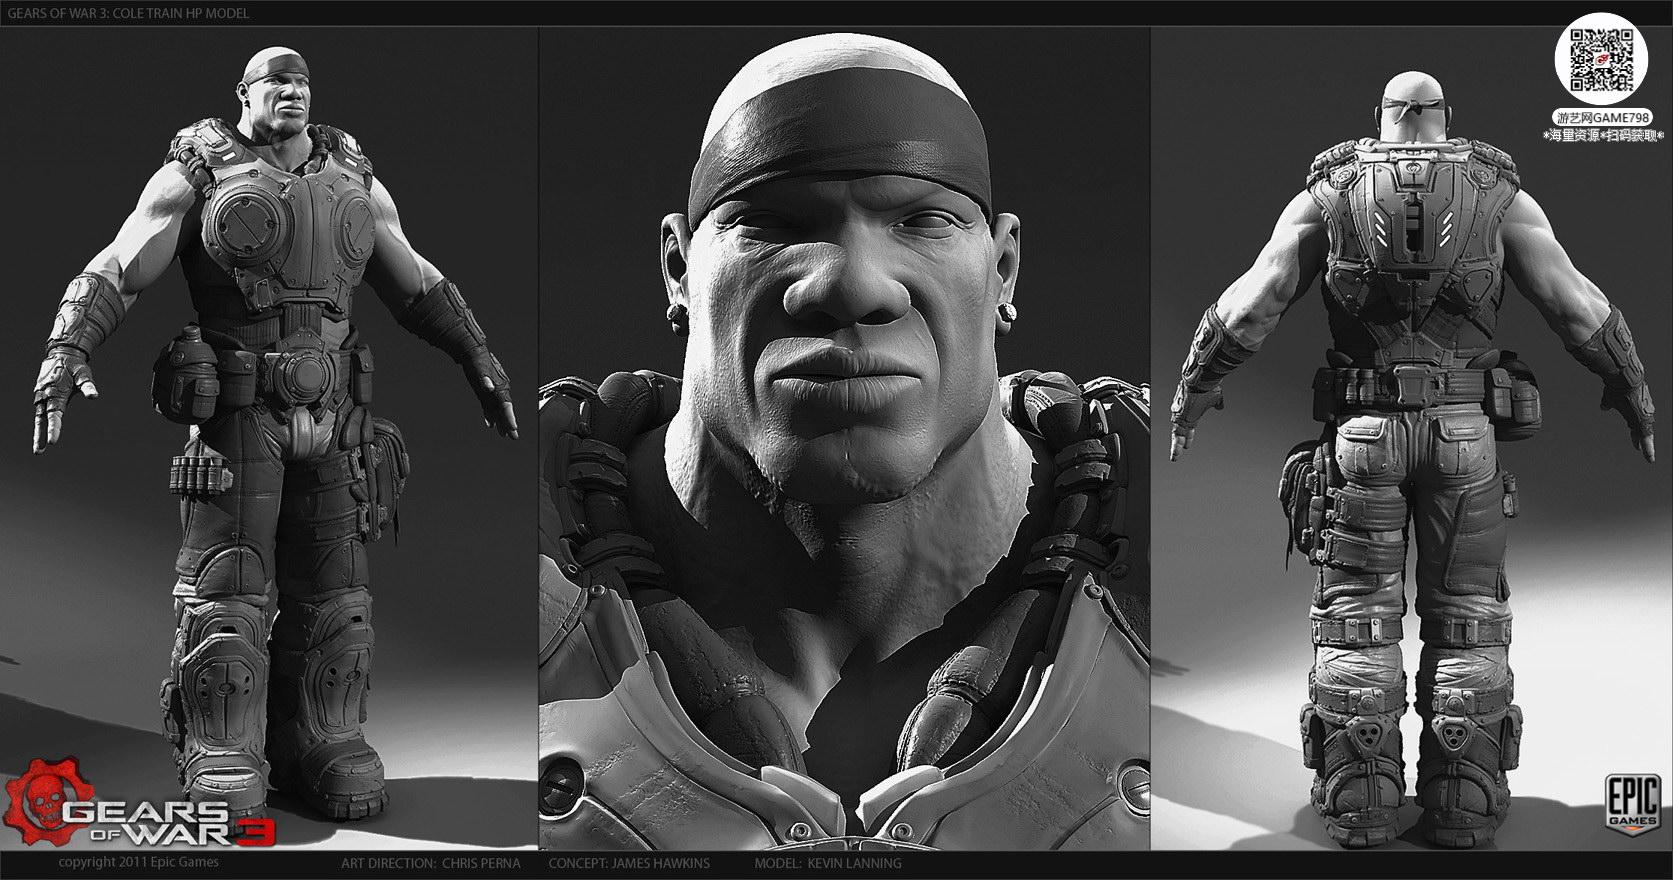 059_关注-游艺网GAME798海量资源下载【战争机器3|3D角色】经典角色设定.jpg